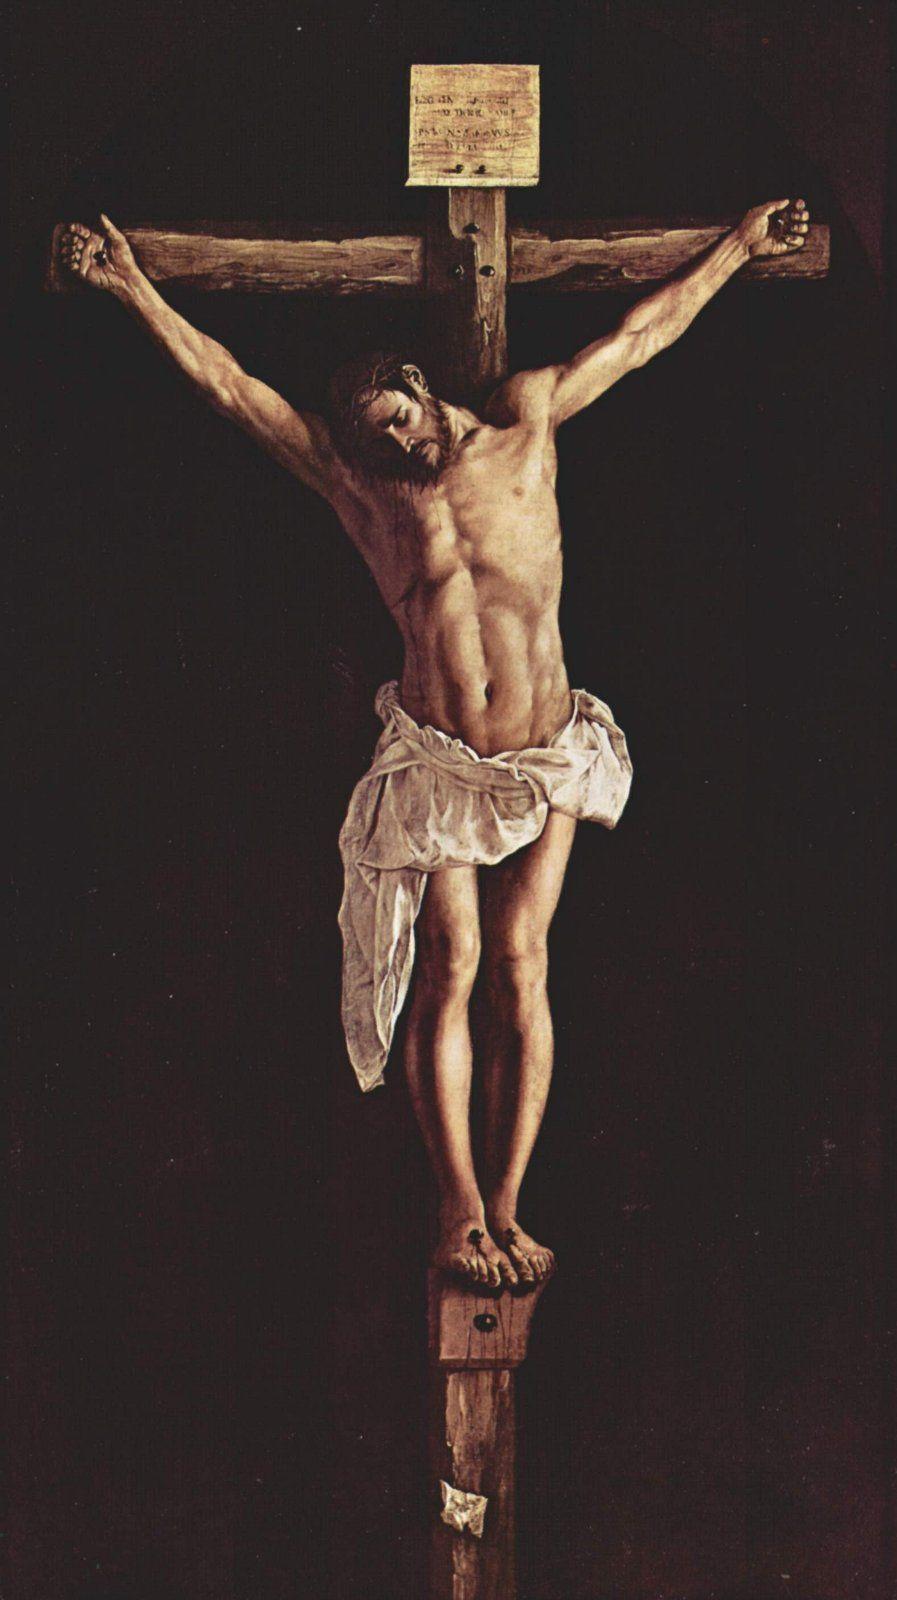 1627, Cristo en la cruz de Francisco de Zurbarán en el Instituto de Arte de Chicago